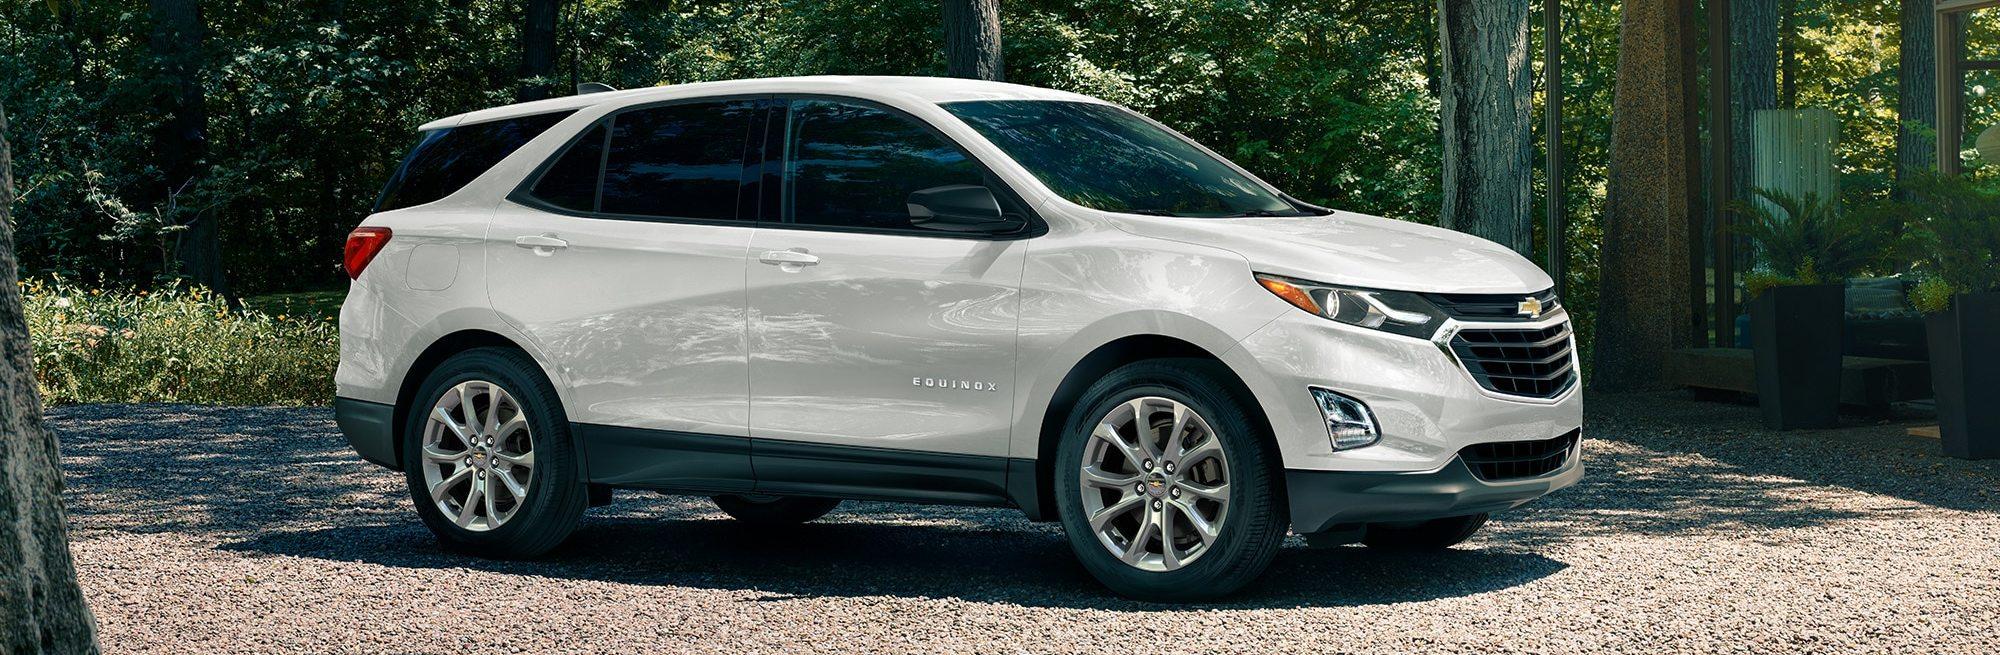 2020 Chevrolet Equinox Lease near Alma, MI